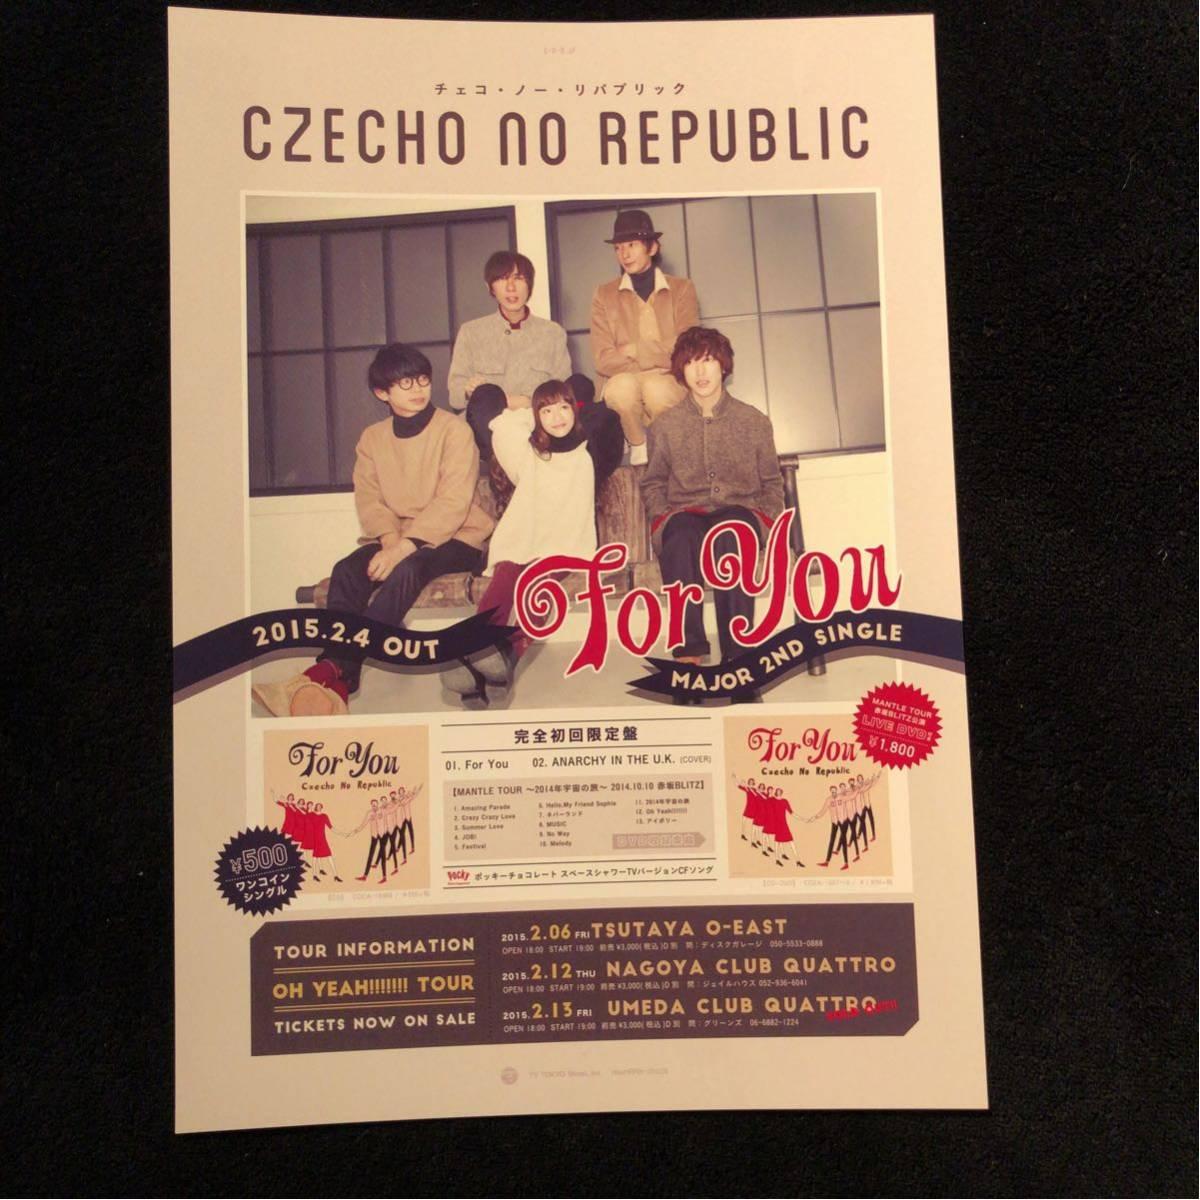 コンサートチラシ★CZECHO NO REPUBLIC / チェコ・ノー・リパブリック